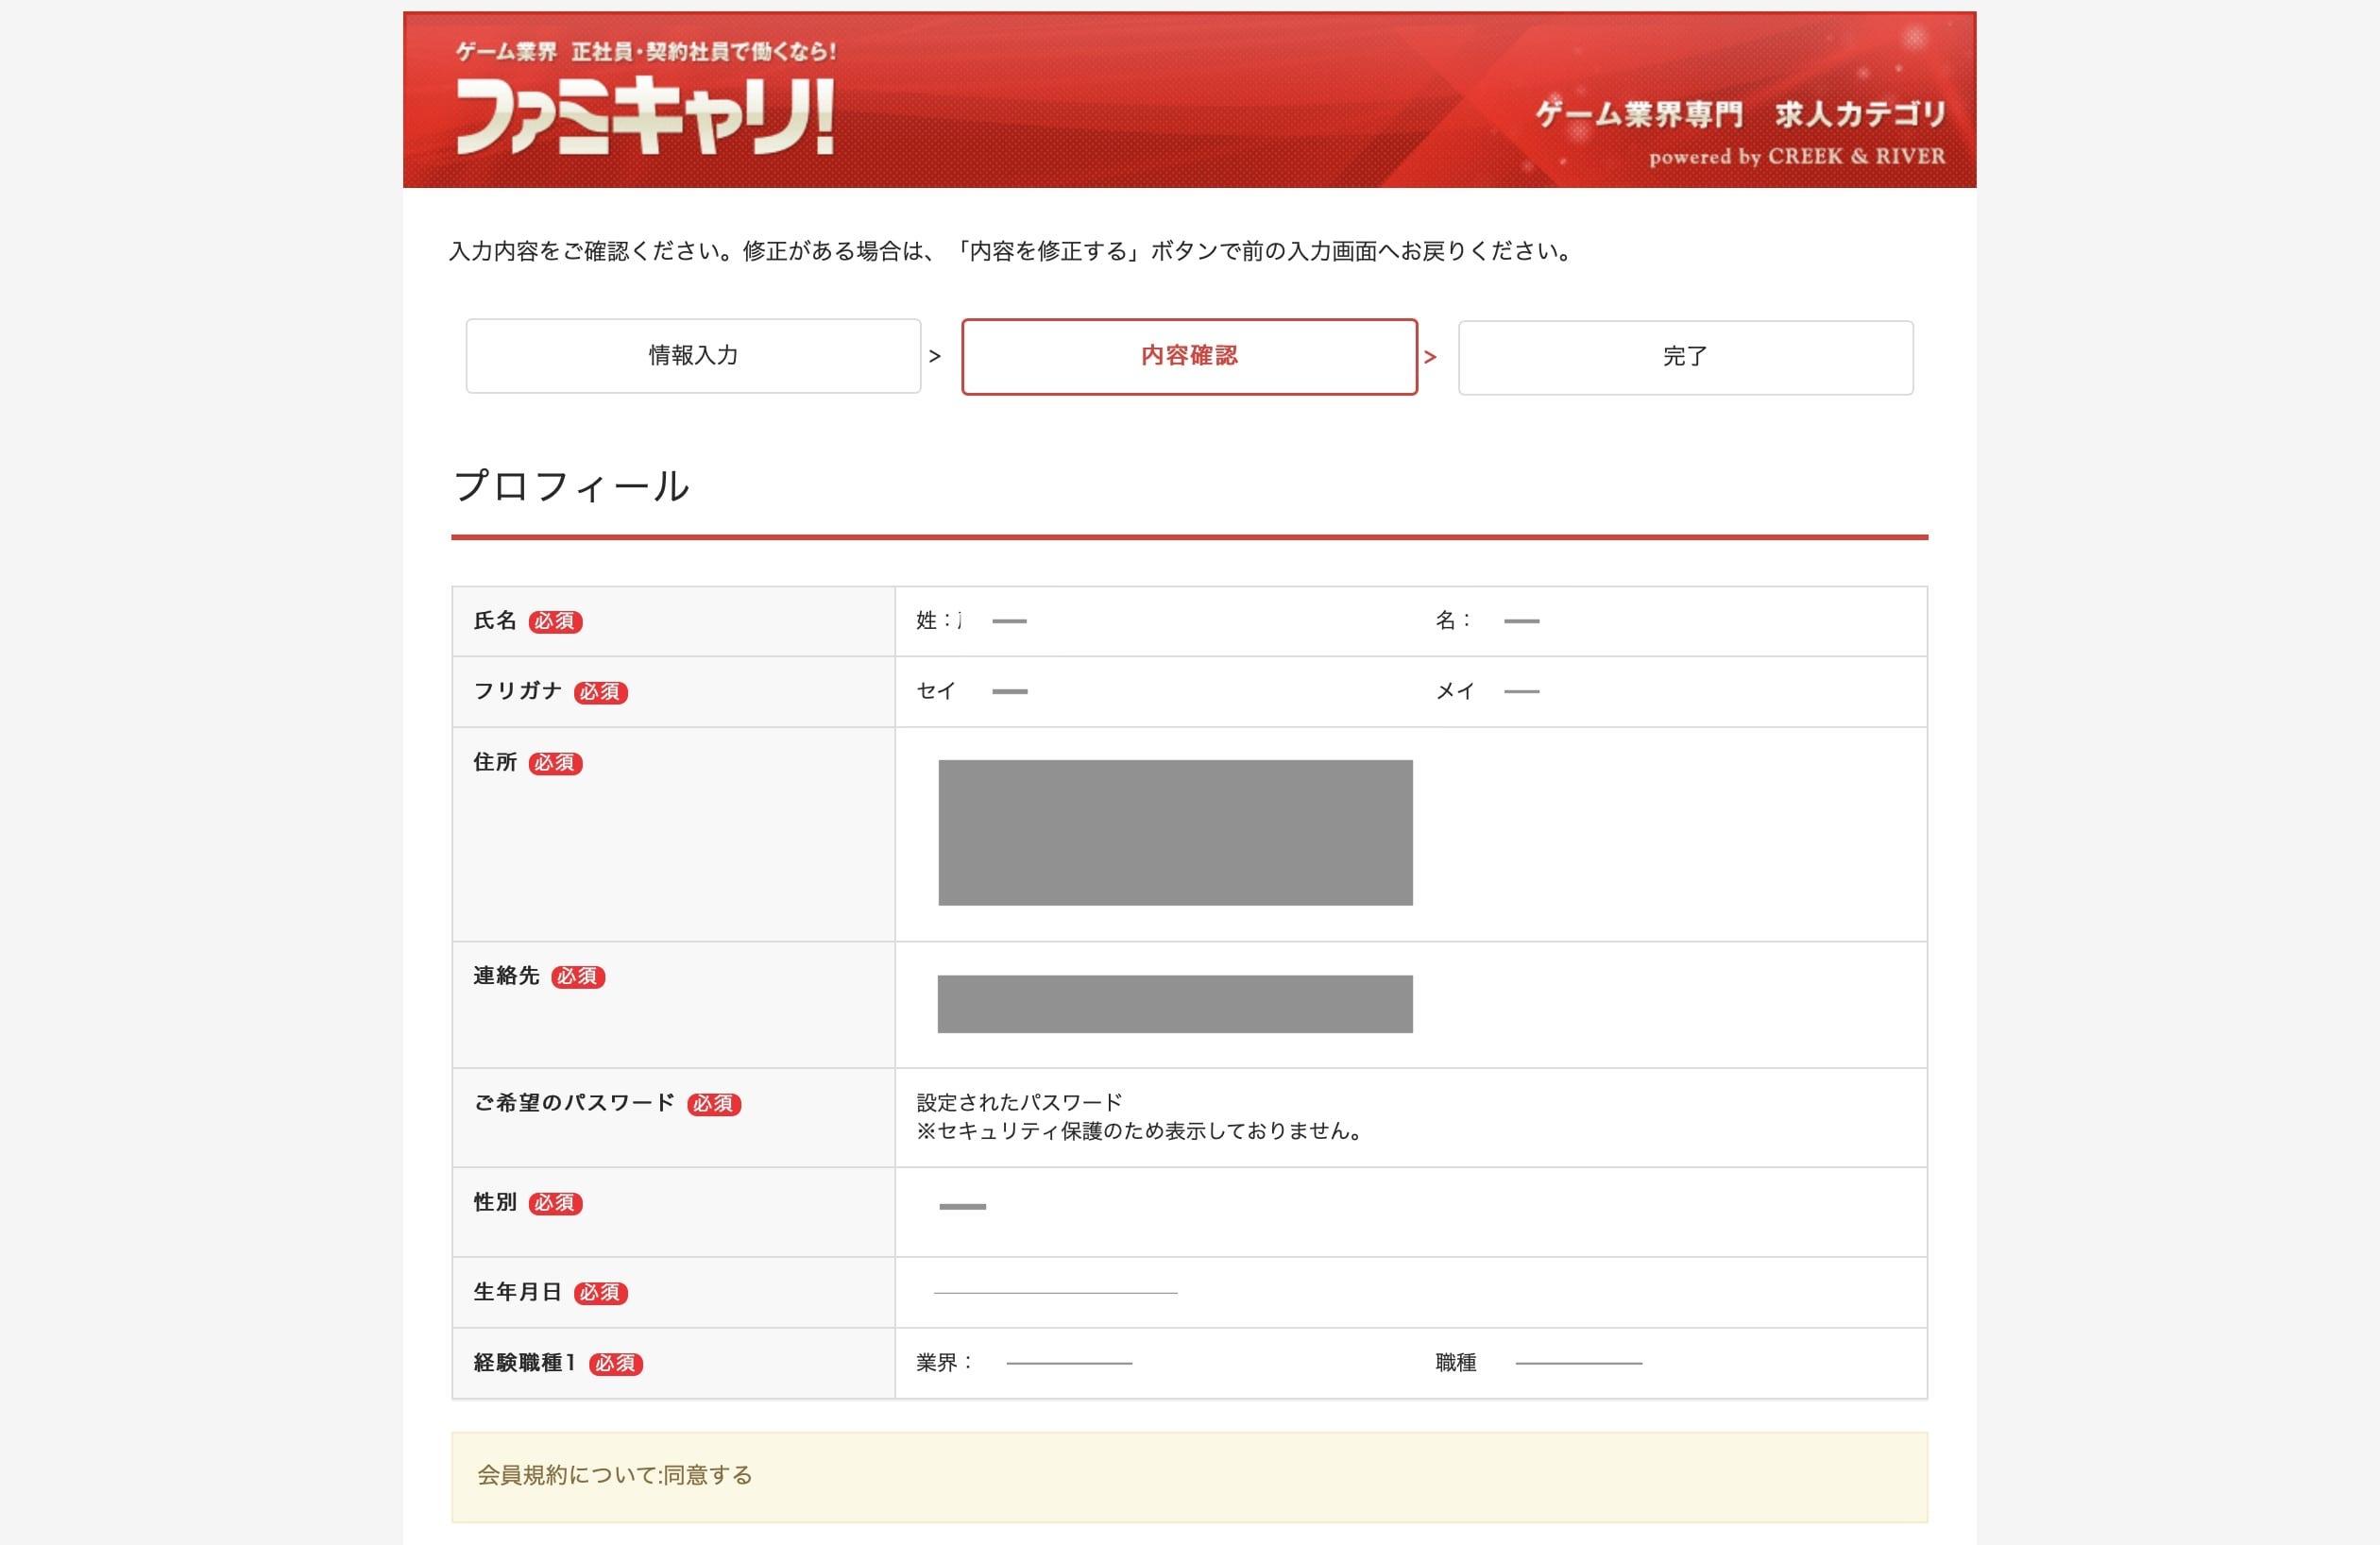 ファミキャリの登録完了画面NO1